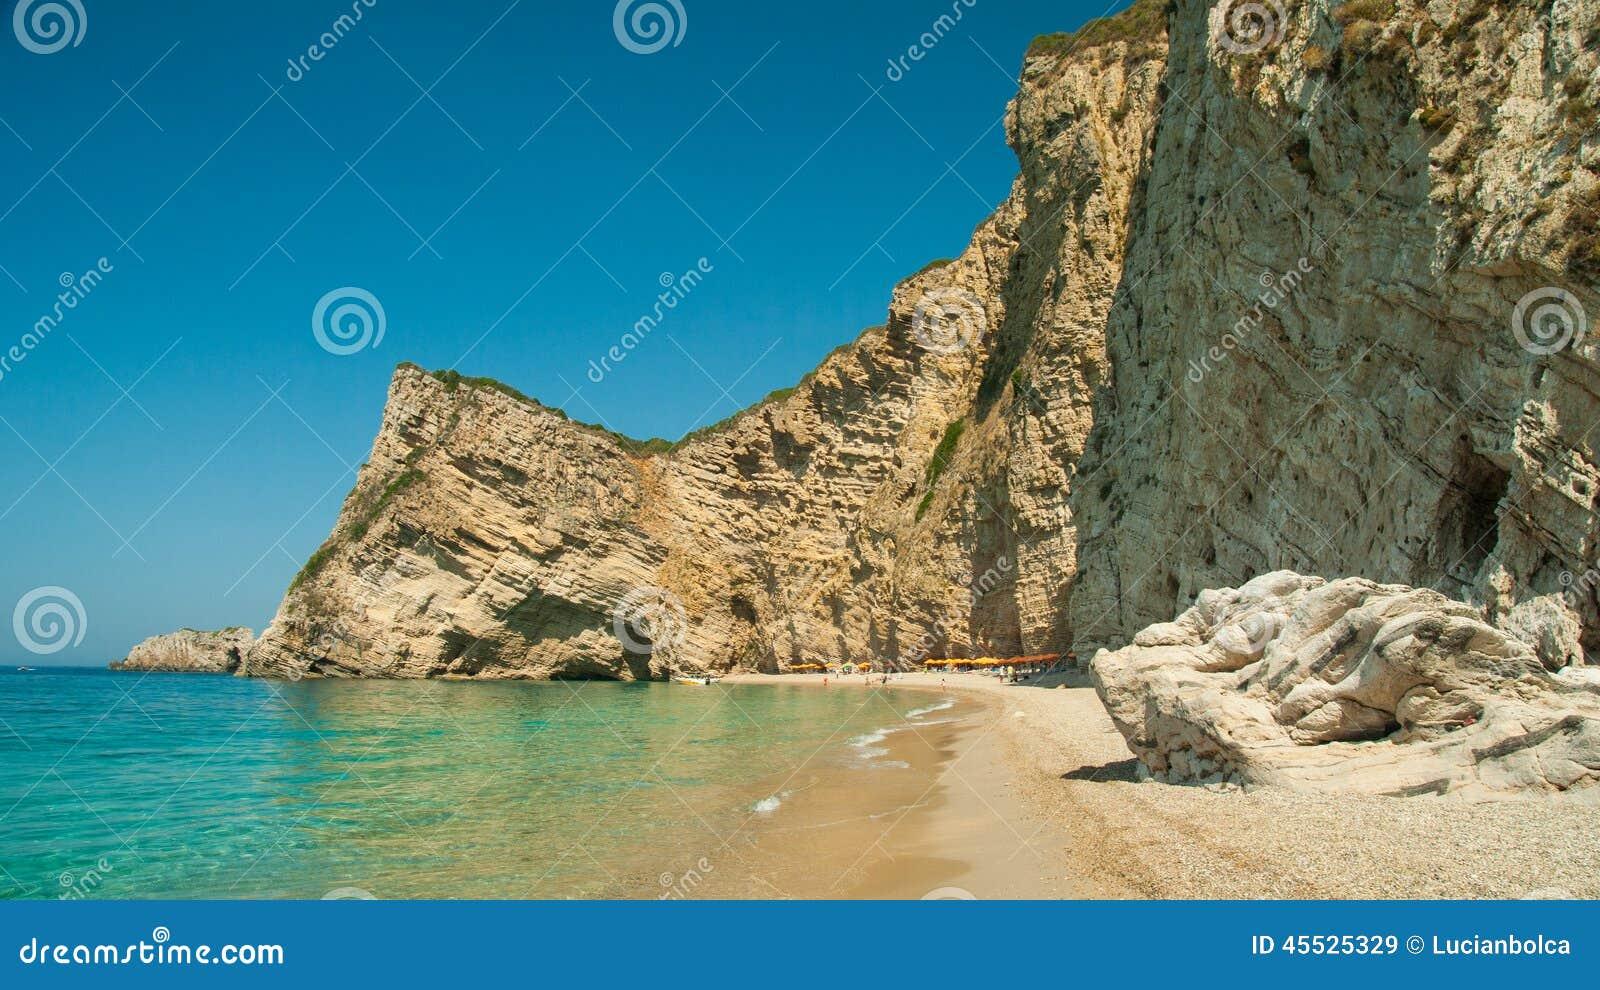 Beaches Near Nafplio Greece